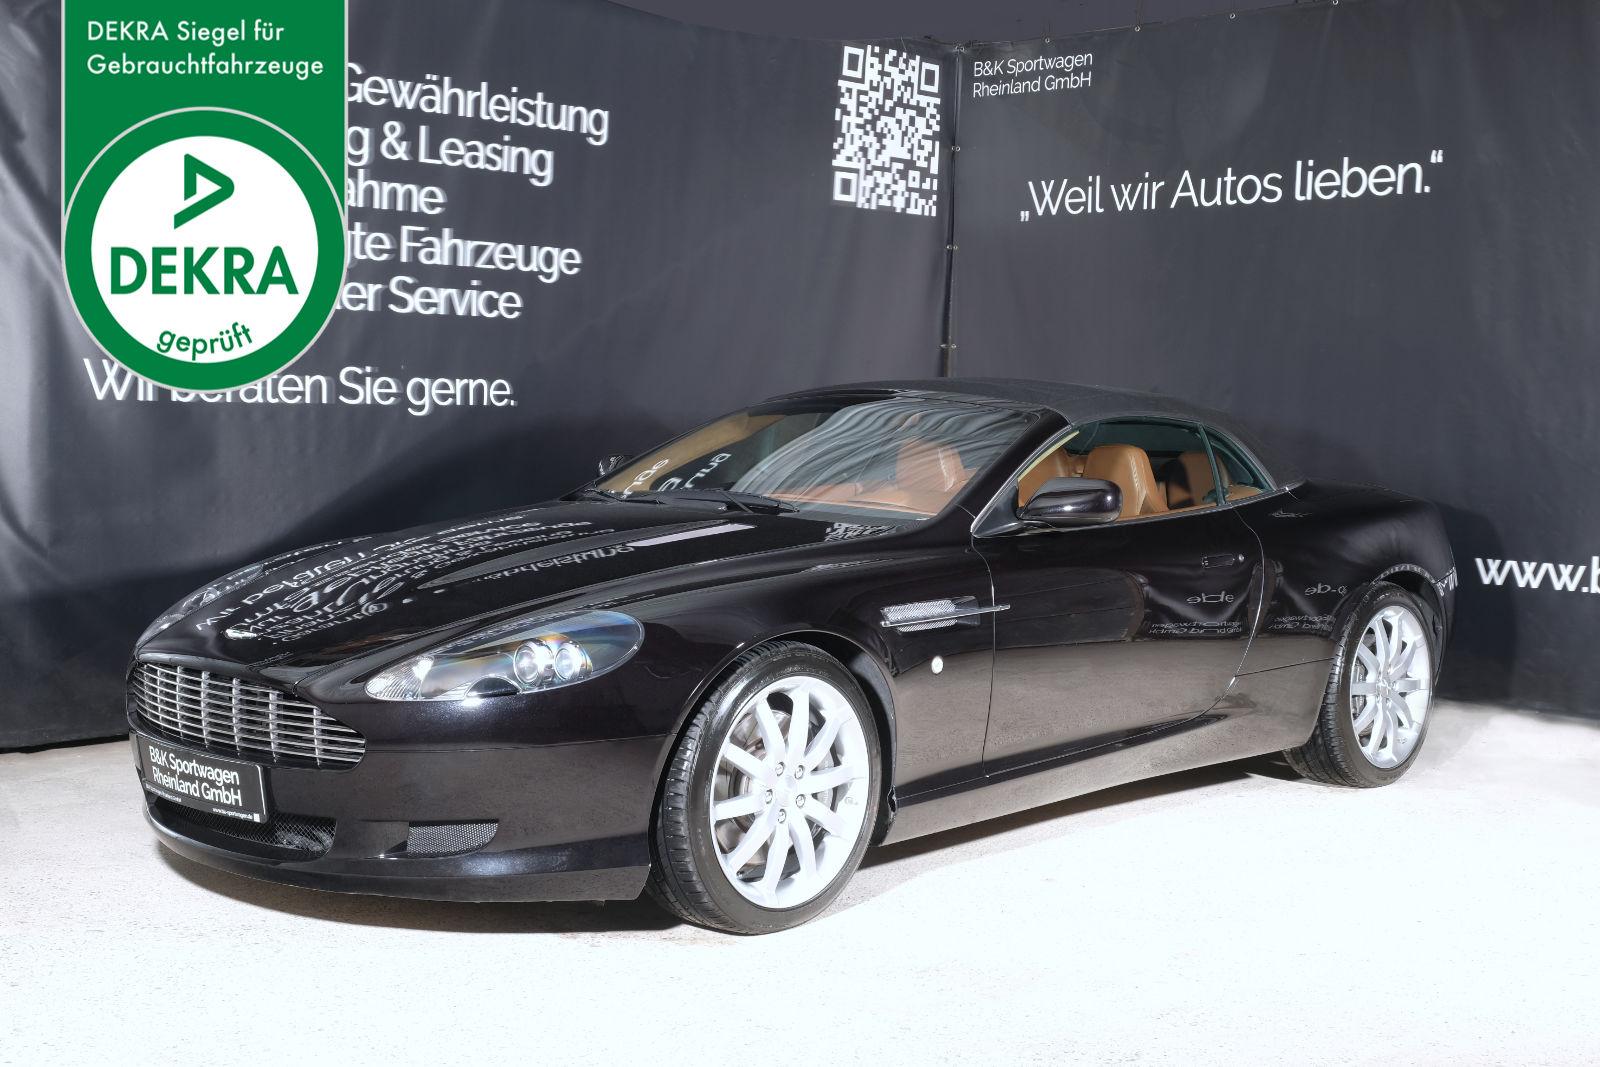 Aston-Martin_DB9_volanbte_Schwarz_Beige_AM-6189_Plakette_w